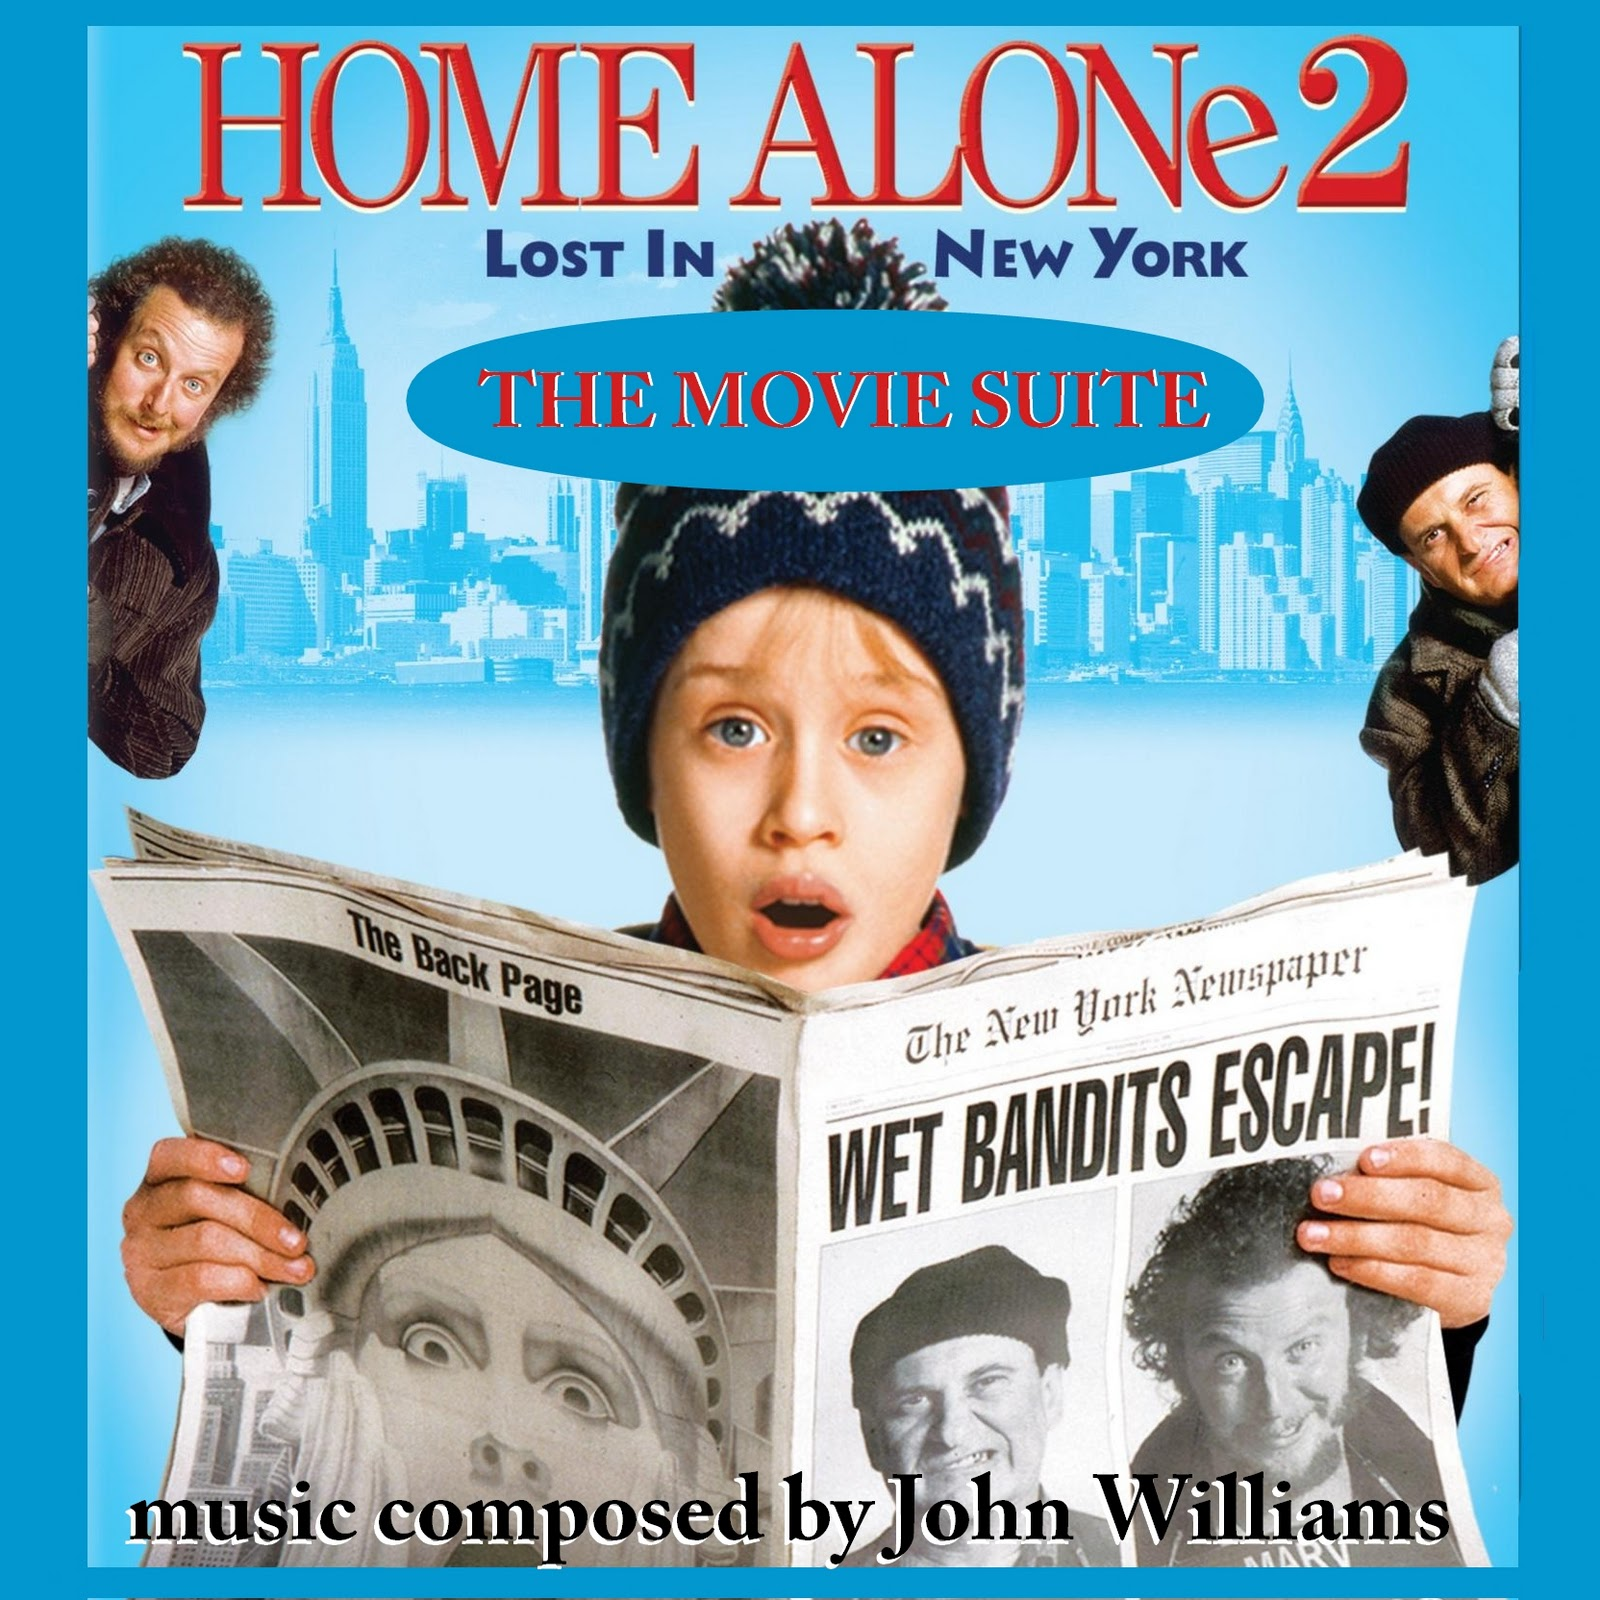 Movie Suites: Home Alone 2 Movie Suite